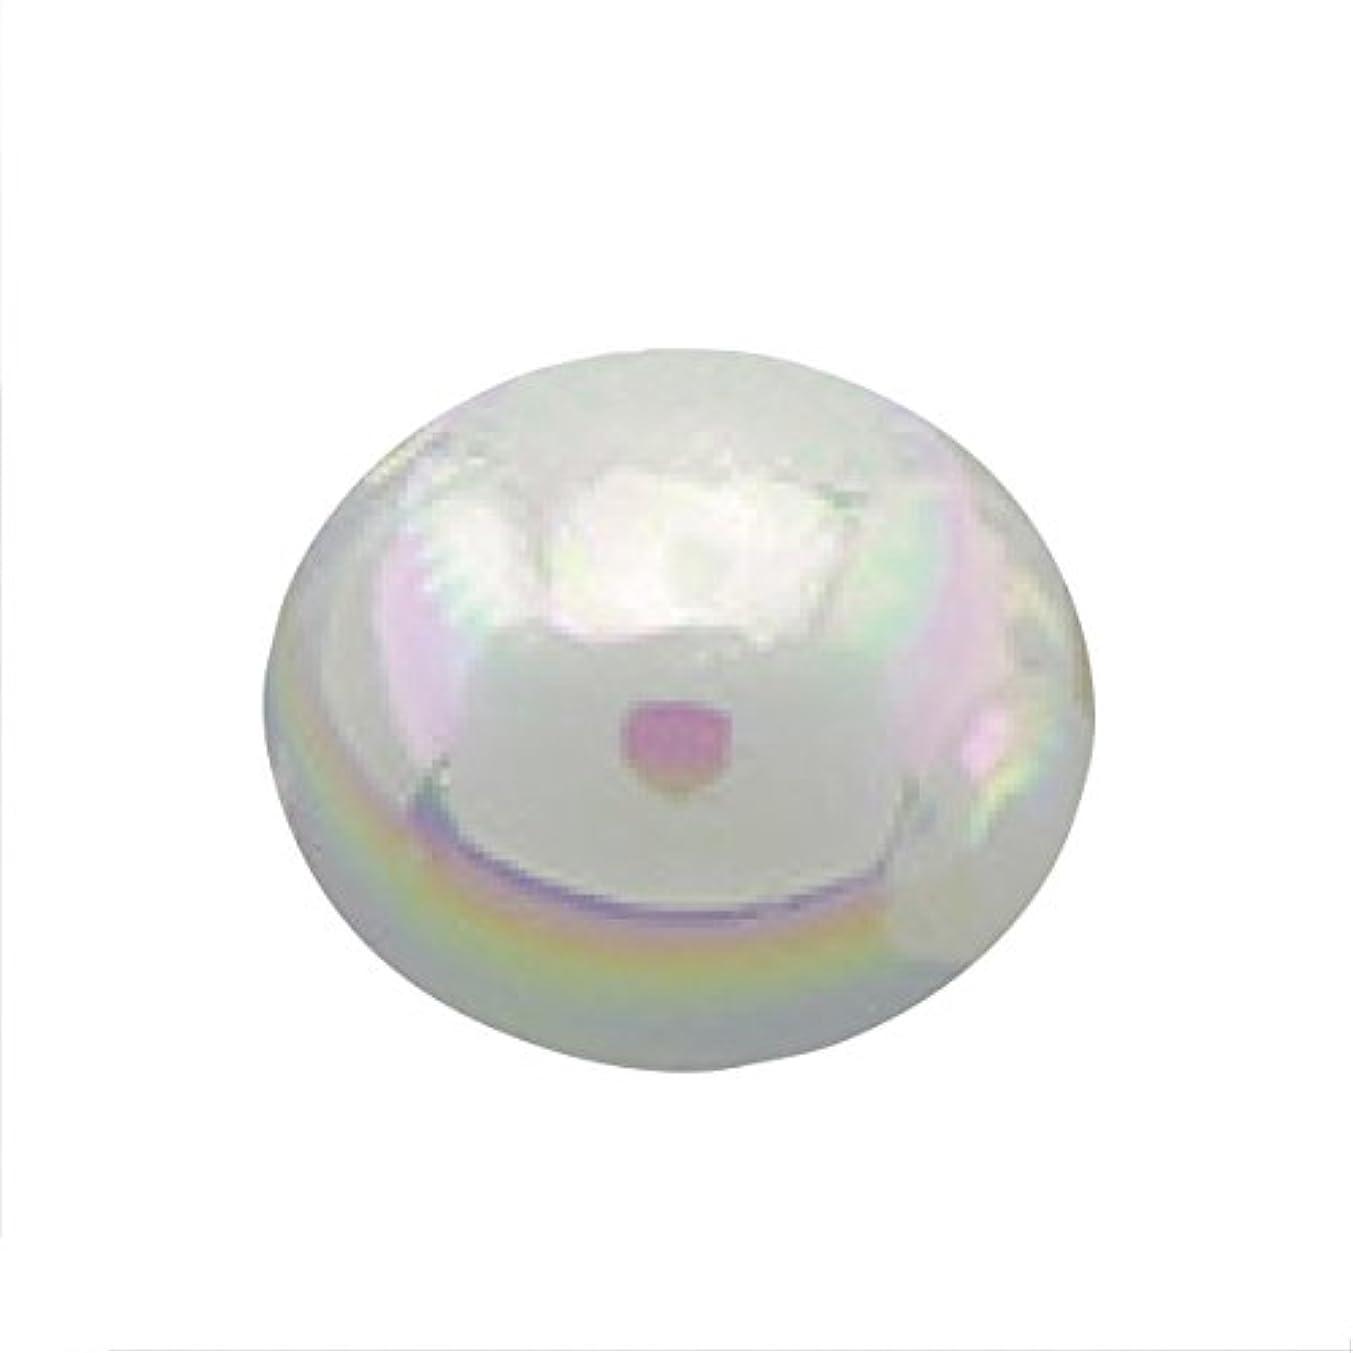 かろうじて外向きラベルパールオーロラオフホワイト1.5mm(50個入り)